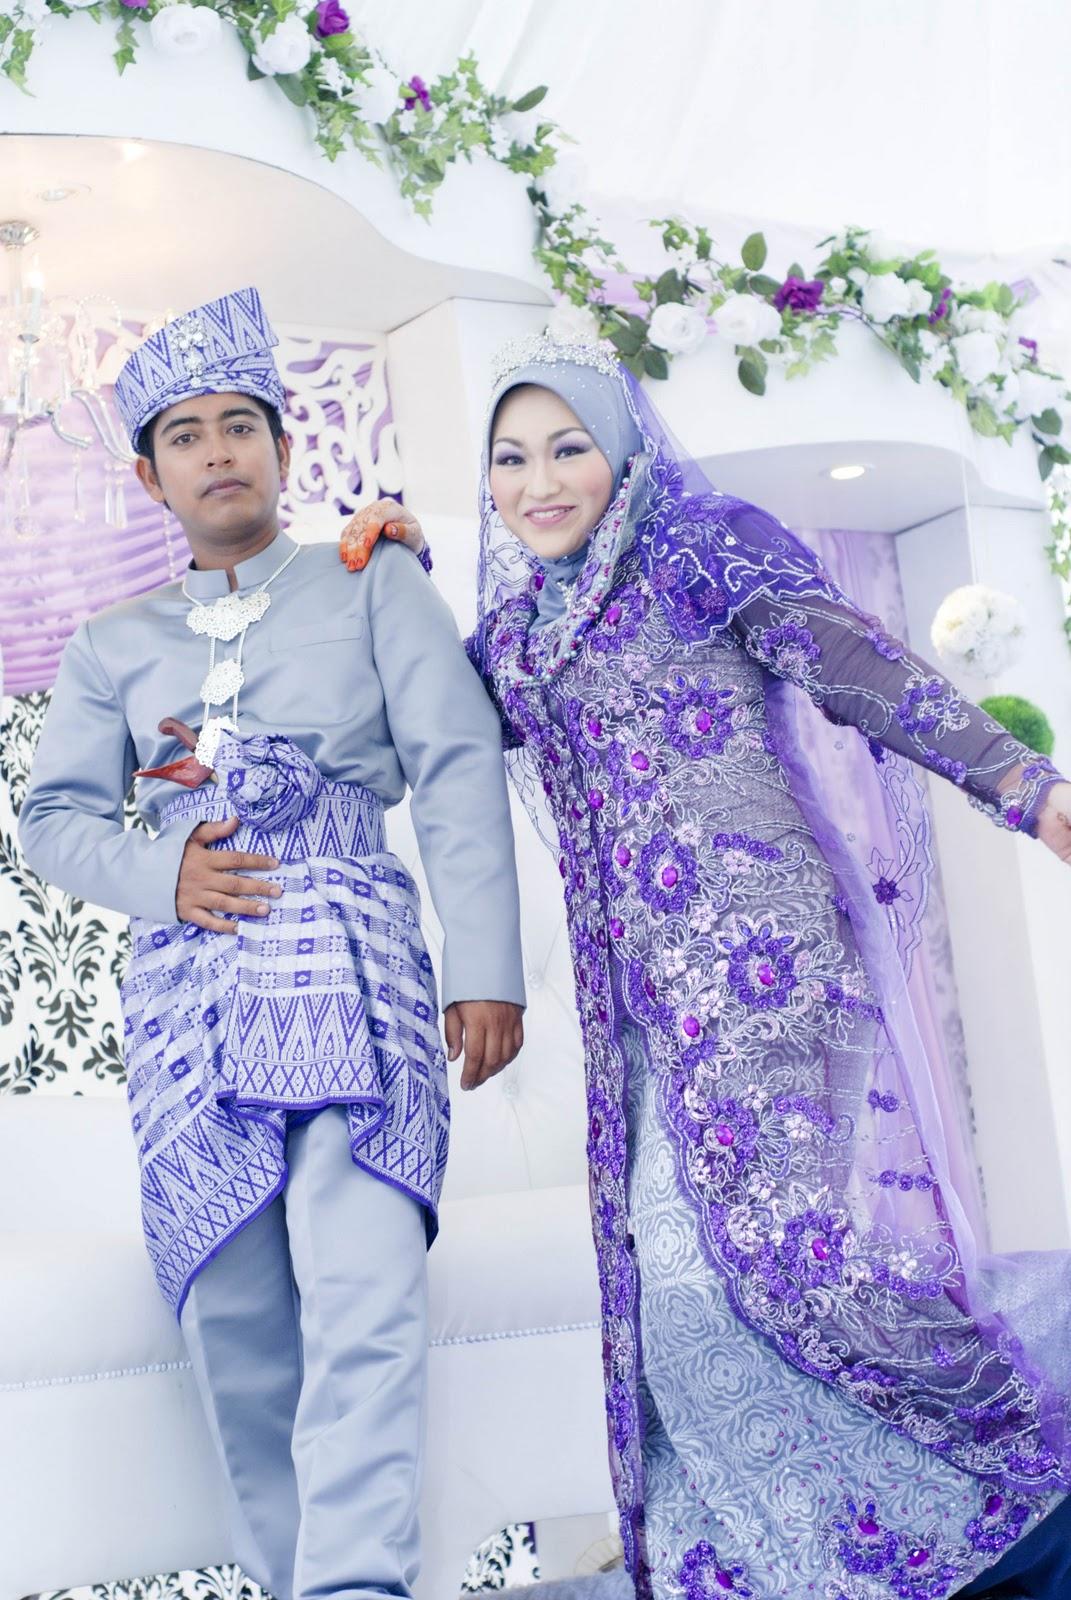 Padanan songket grey benang silver dan lace purple untuk busana pengantin  perempuan dijadikan dress labuh berekor. Busana pengantin lelaki pula dari  ... e606914939